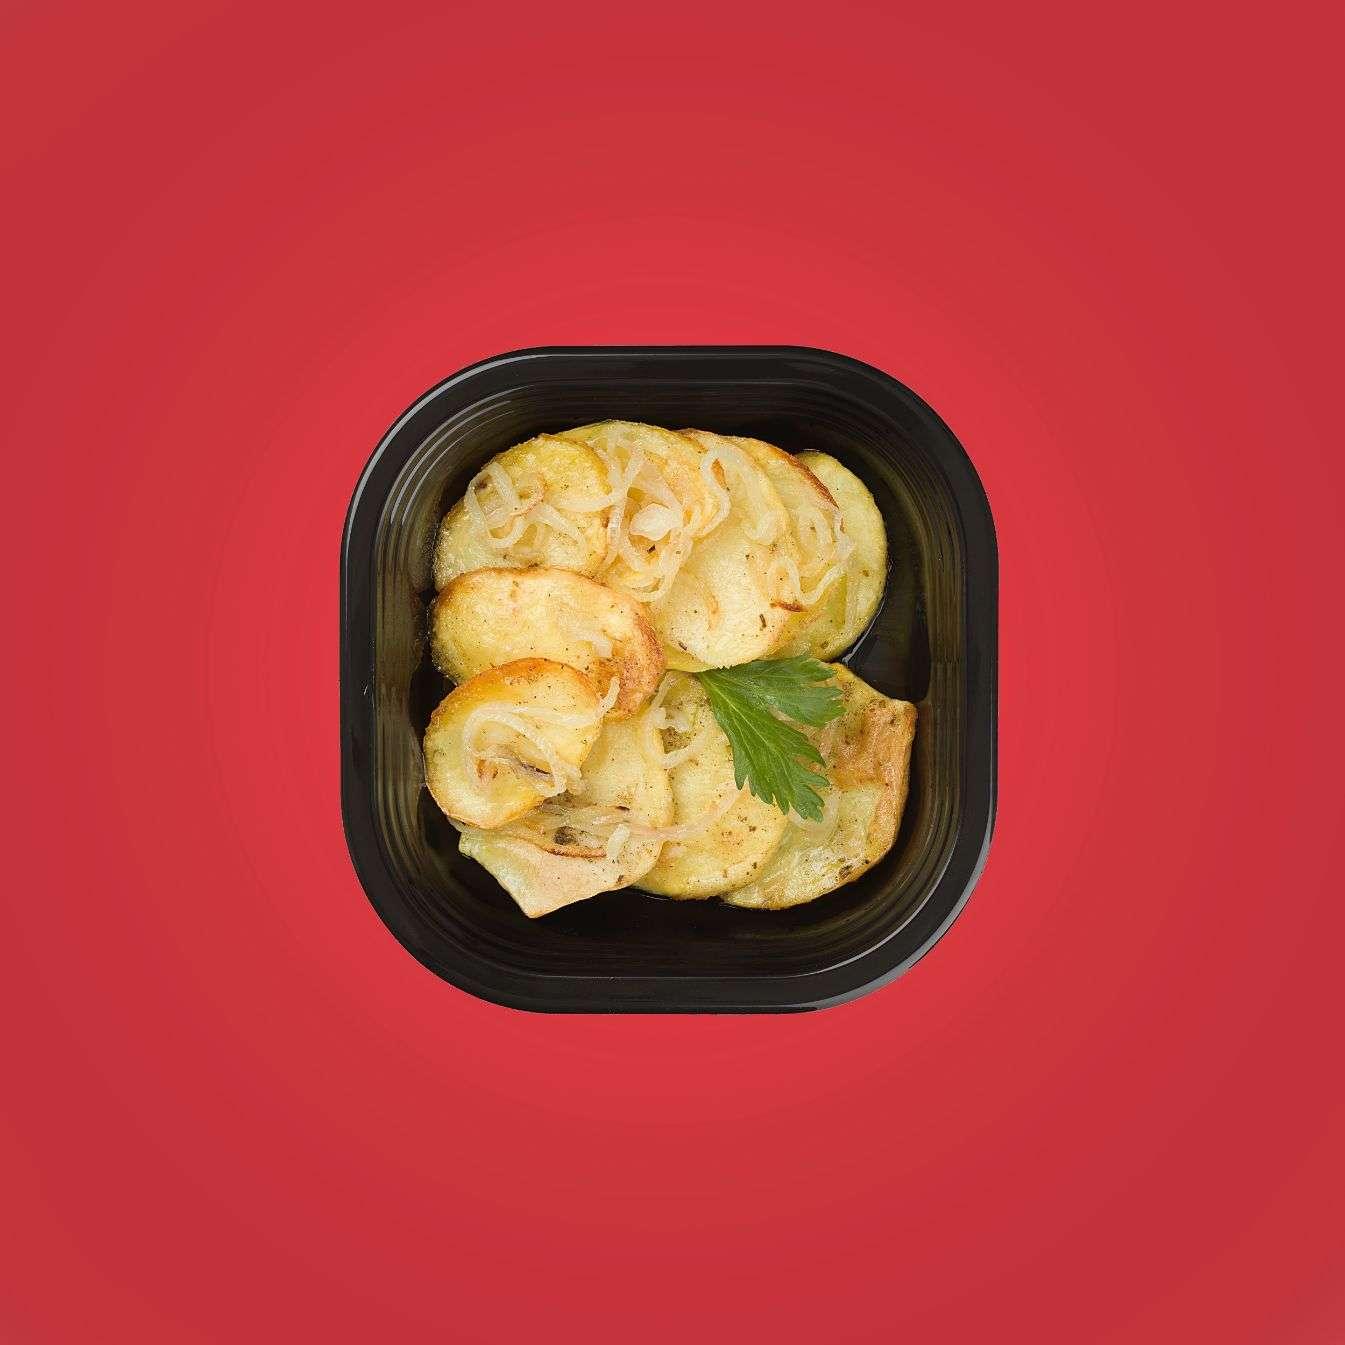 patate lionese piatto pronto a domicilio senza glutine